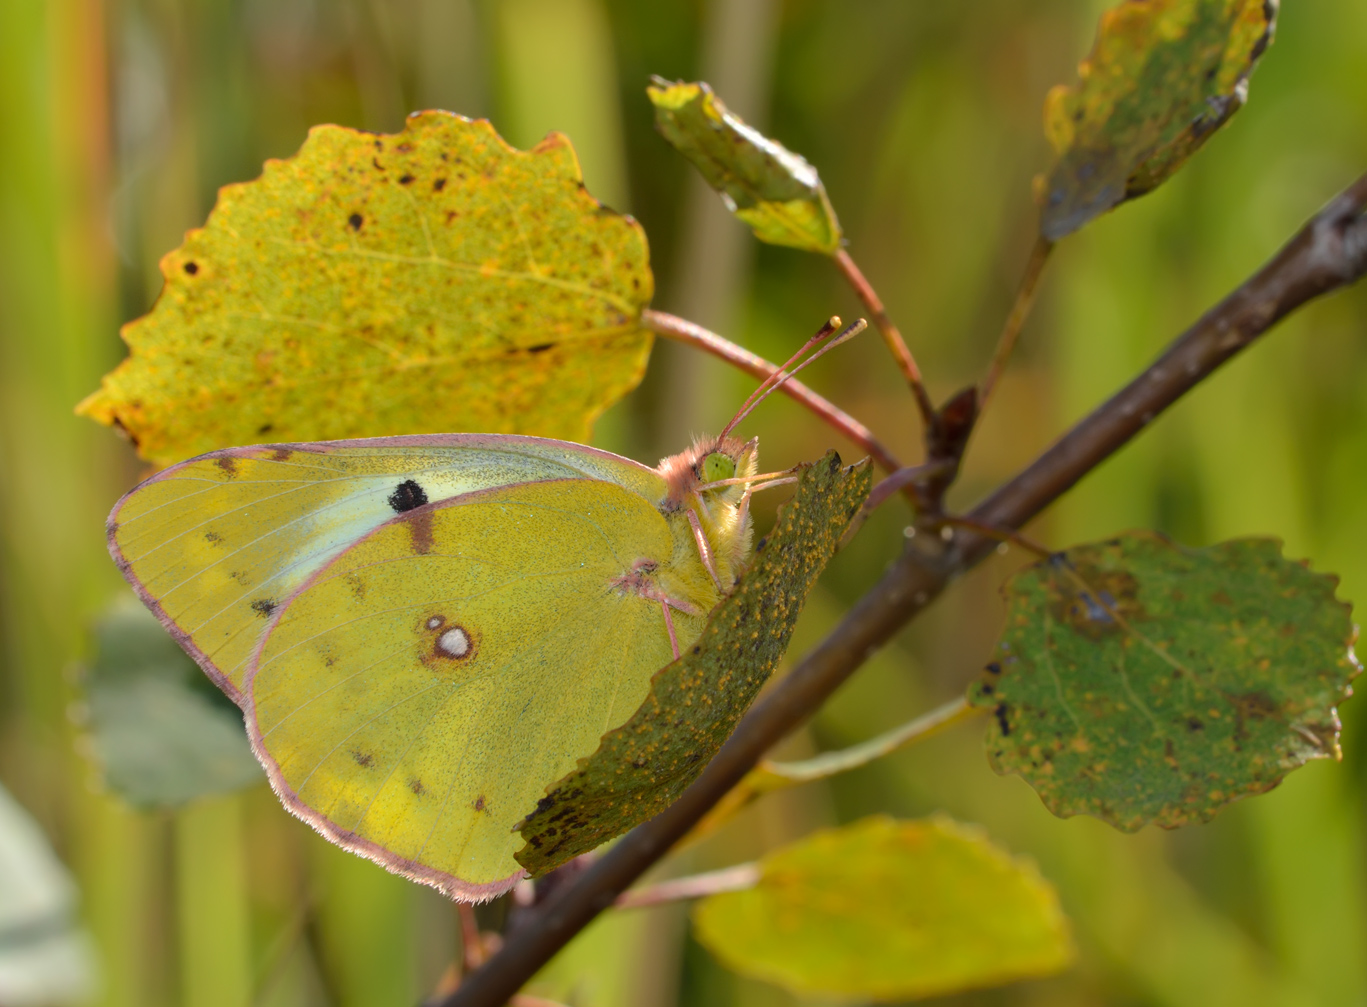 Бабочка луговая желтушка описание для детей. бабочка желтушка луговая – любительница клевера и люцерны